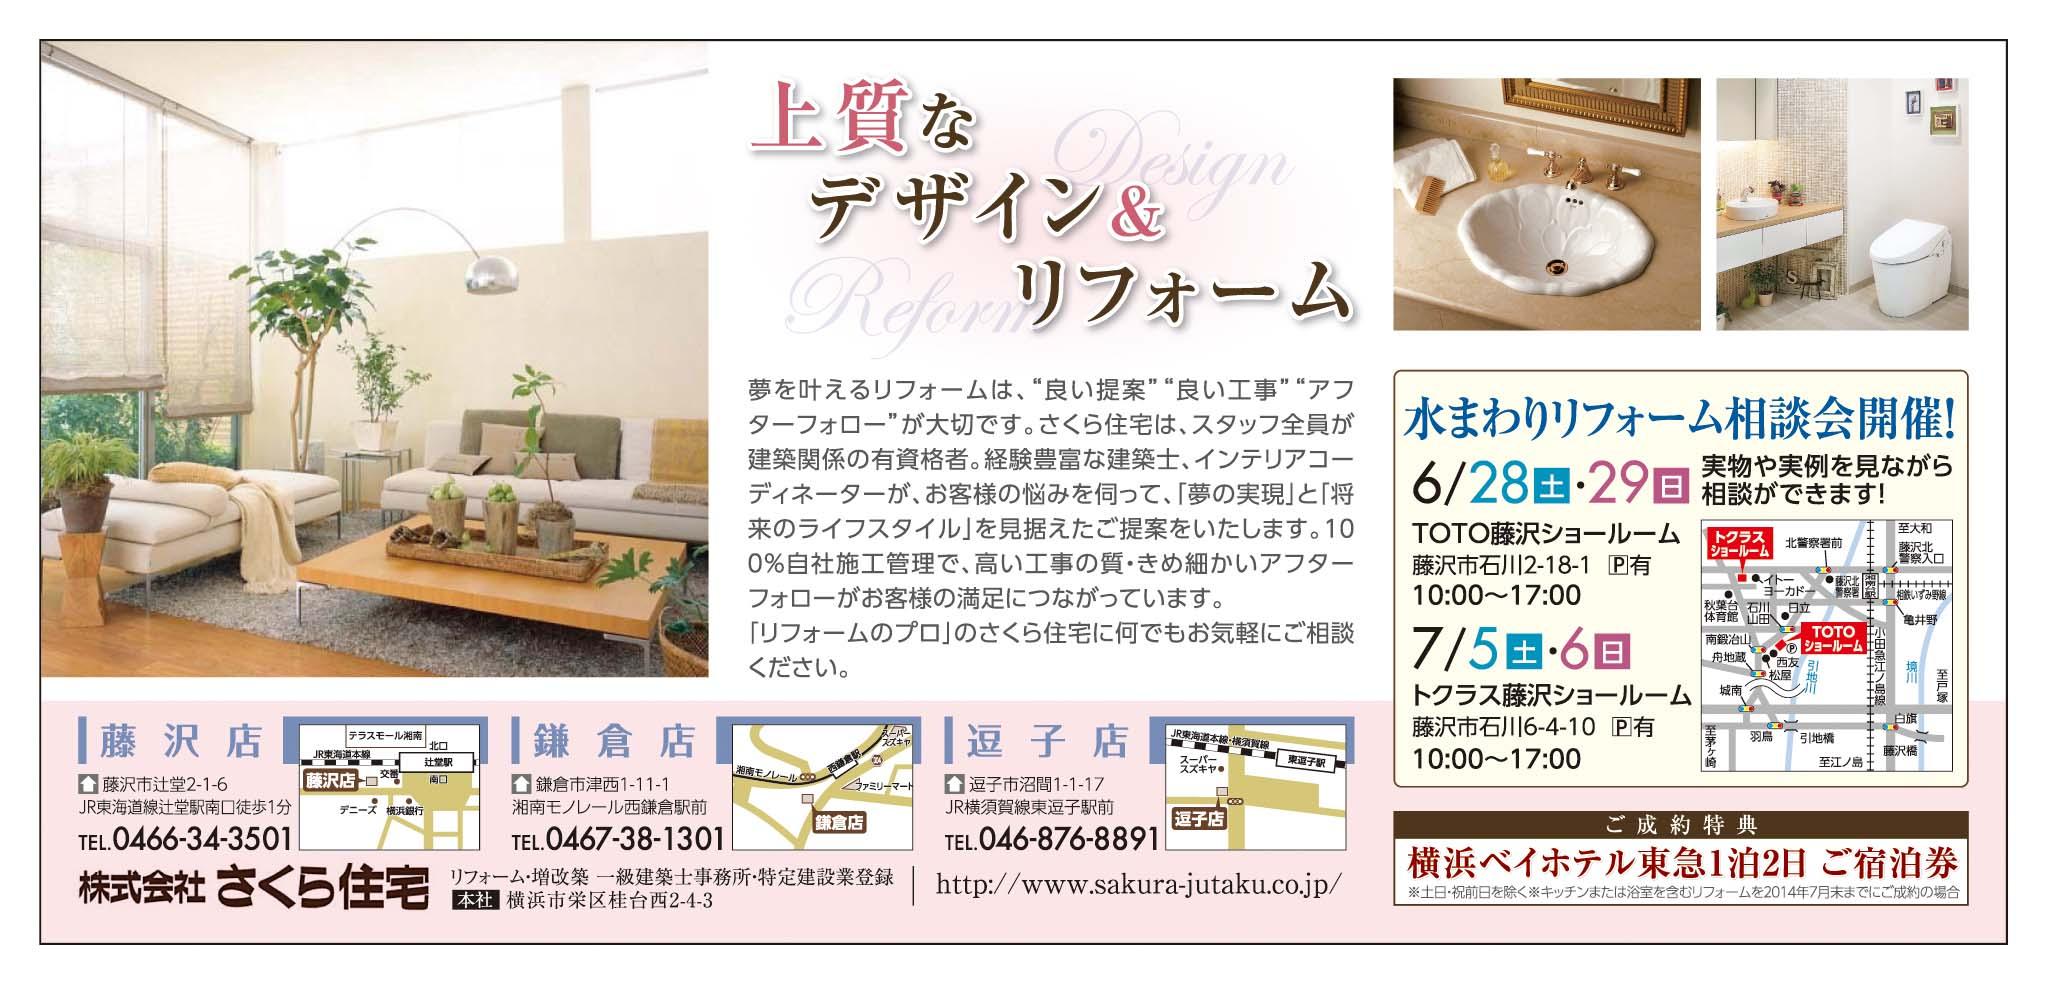 トクラス藤沢SRにて相談会を開催いたします。_e0190287_13103846.jpg